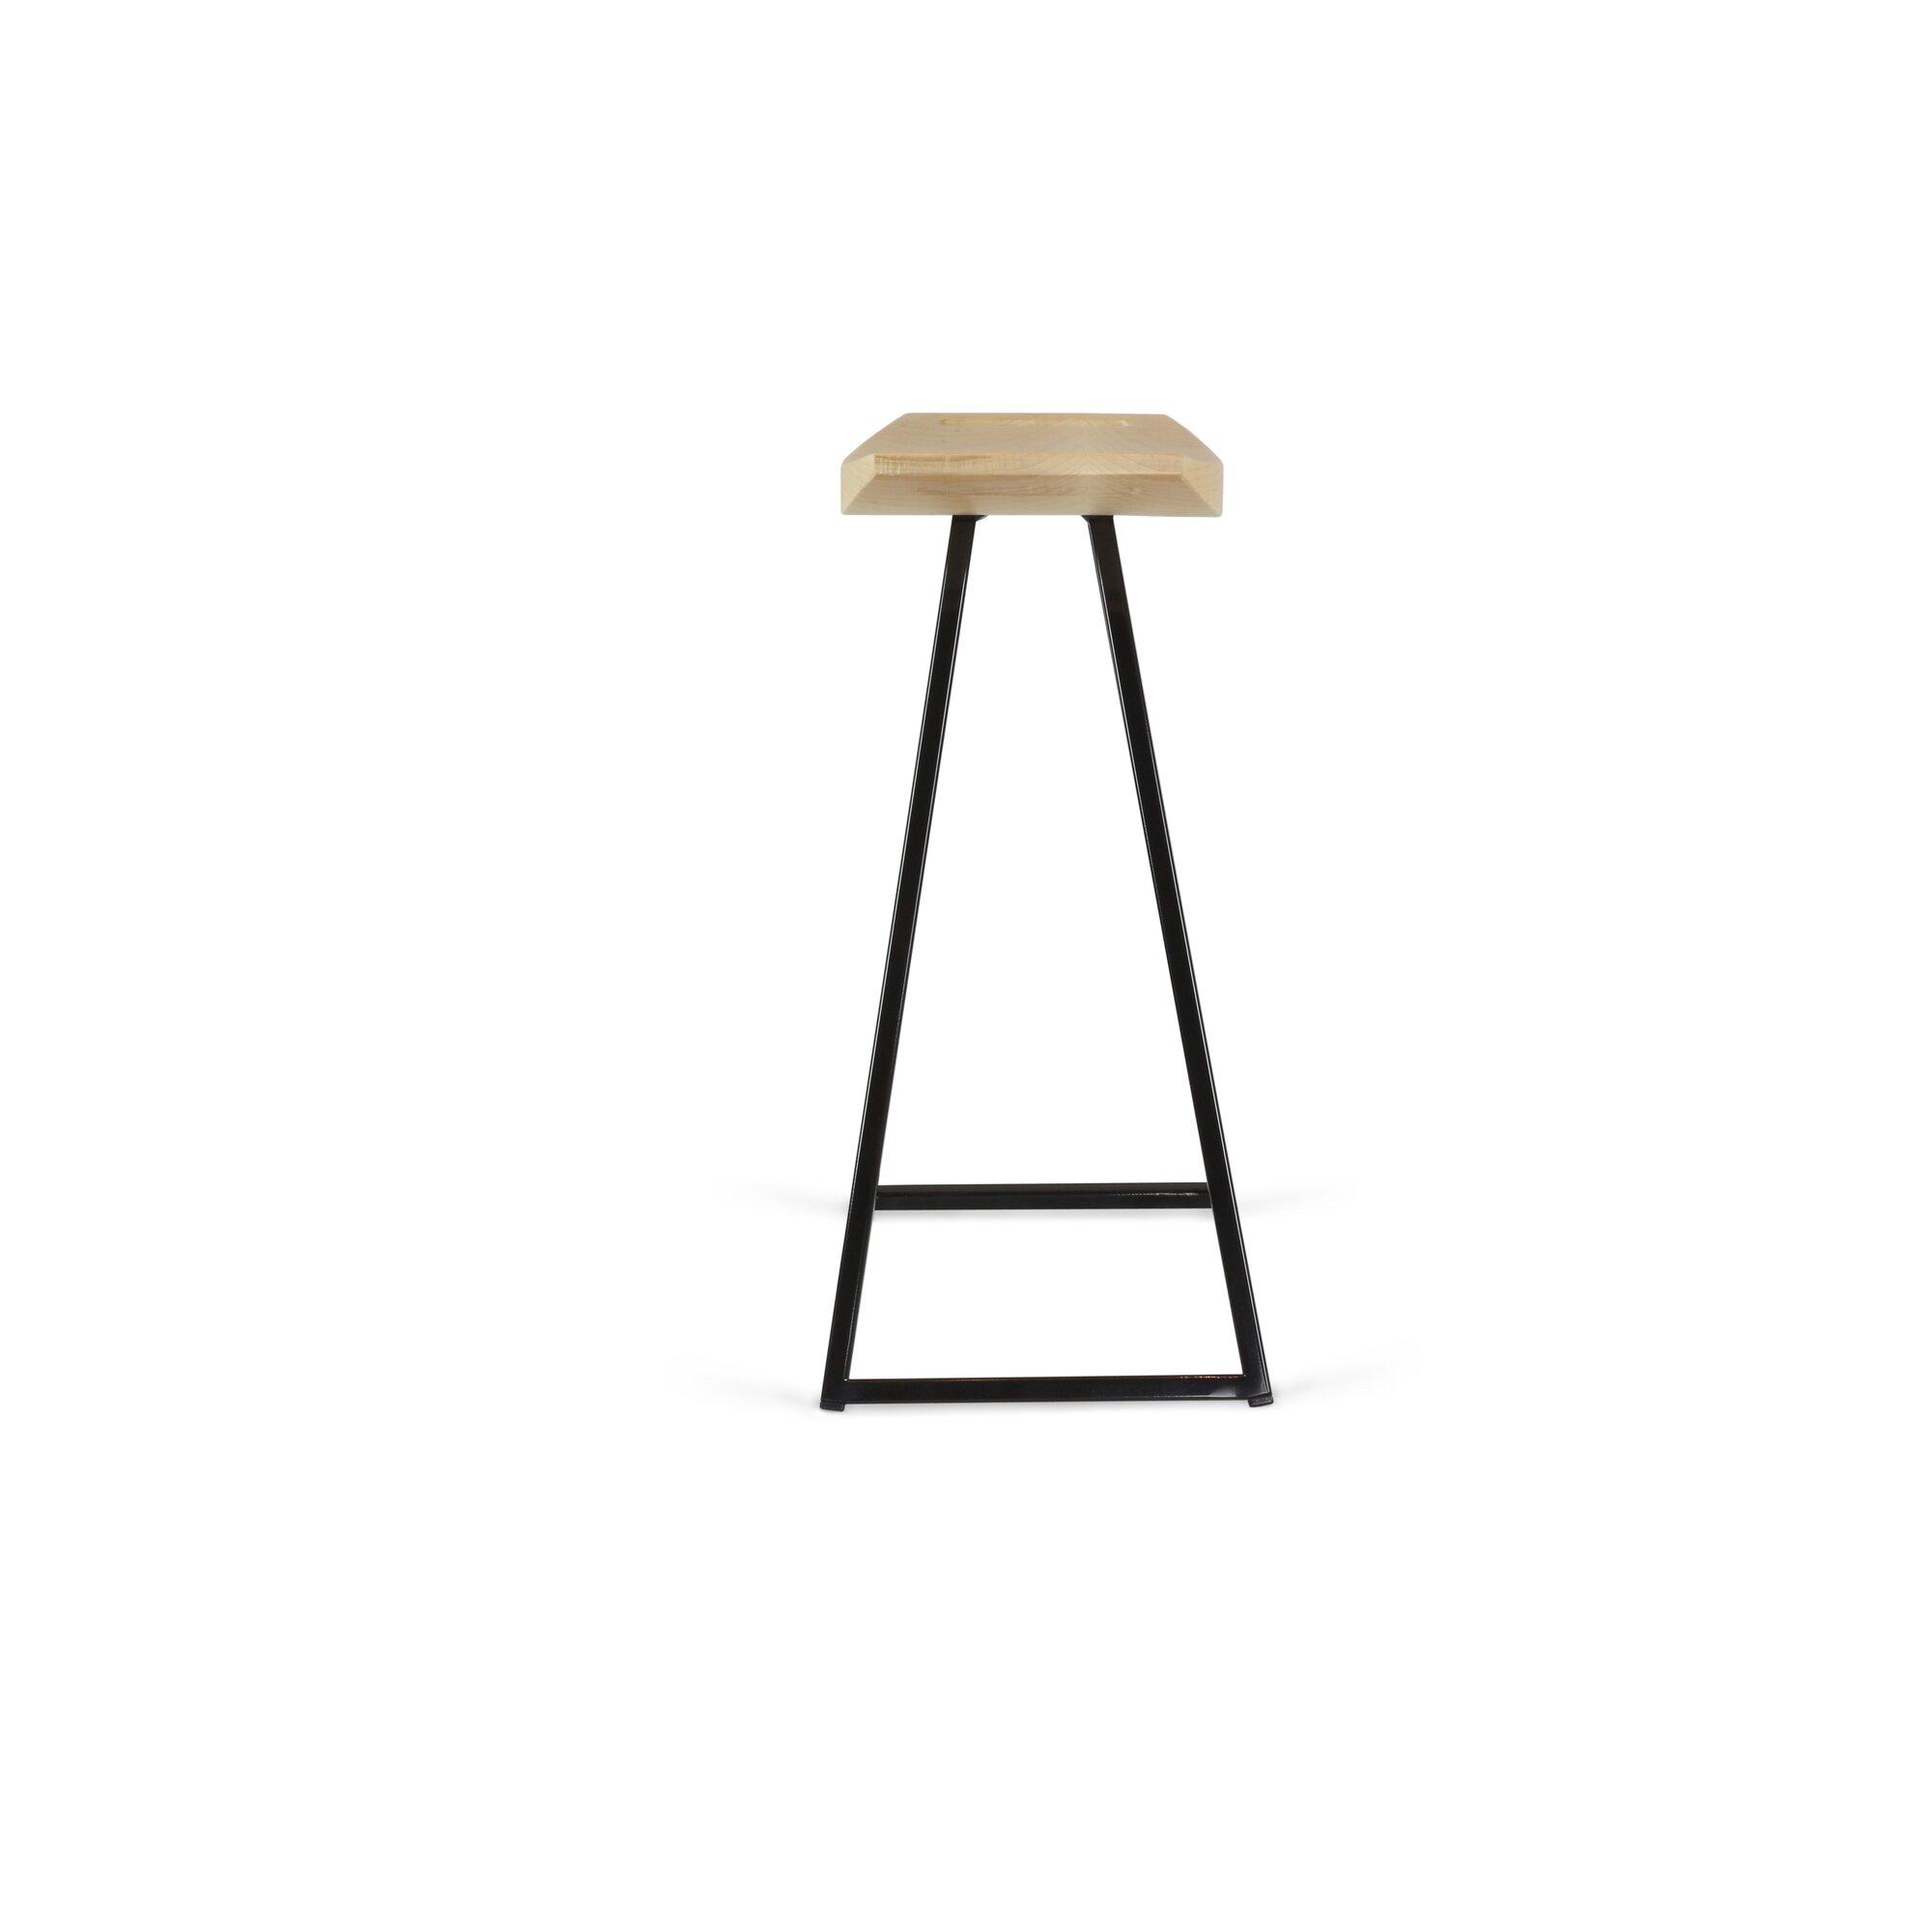 Tronk Design Roberts 18 Quot Bar Stool Amp Reviews Wayfair